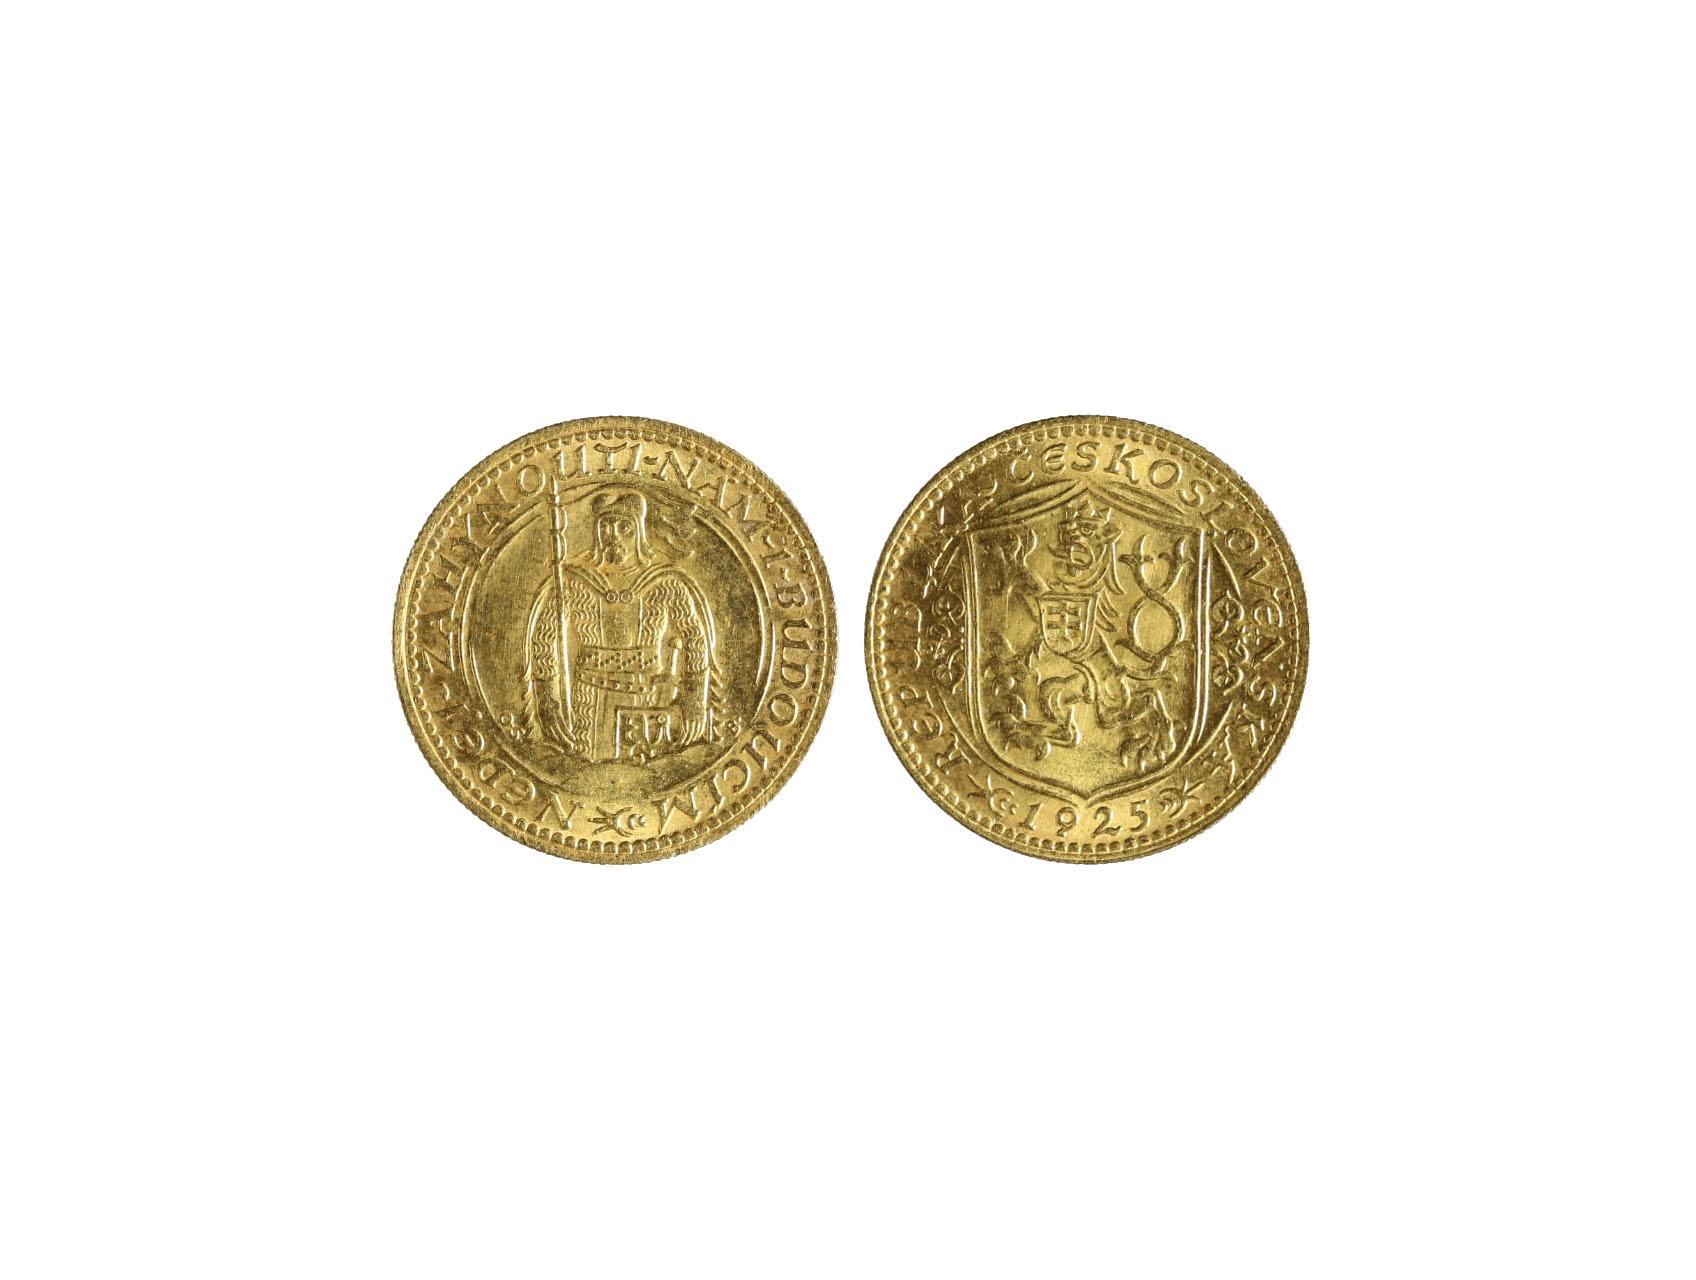 Československo 1918-1939 - Dukát 1925, 3.49g, 986/1000, raženo 66279 ks, N16